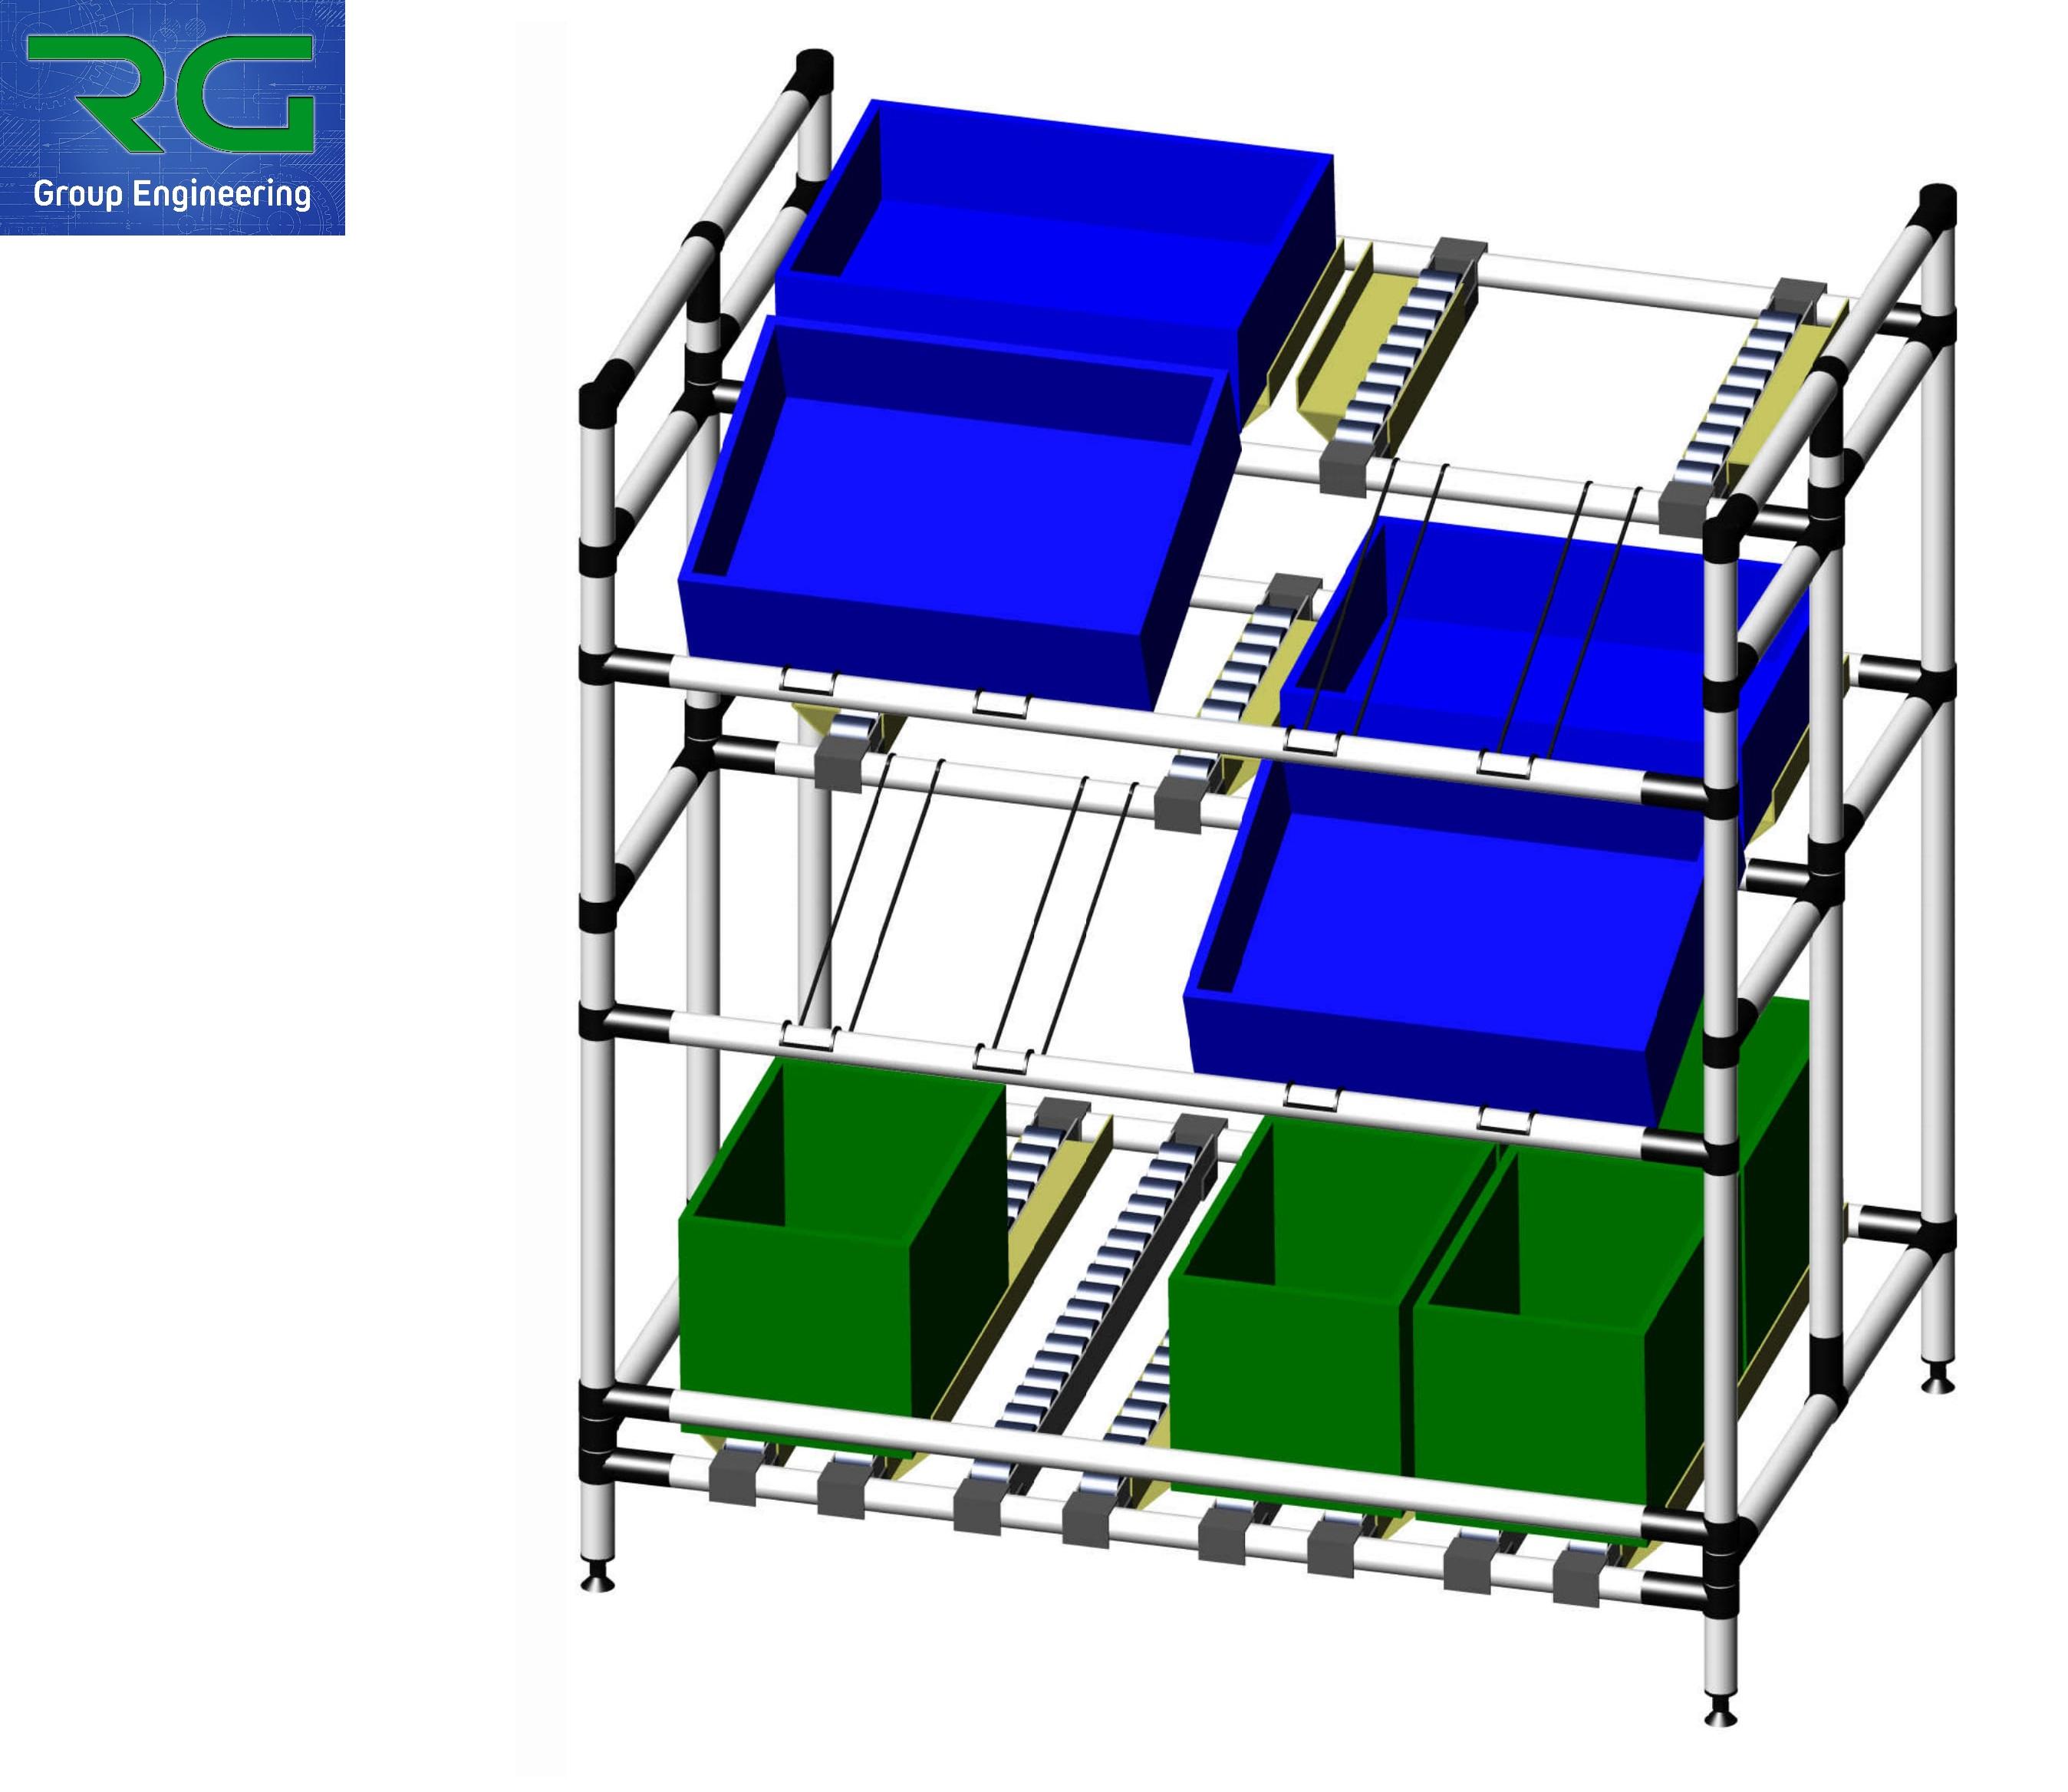 SCAFFALE MARKET (SETTORE AUTOMOTIVE) Struttura lean statica in abs per stoccaggio contenitori